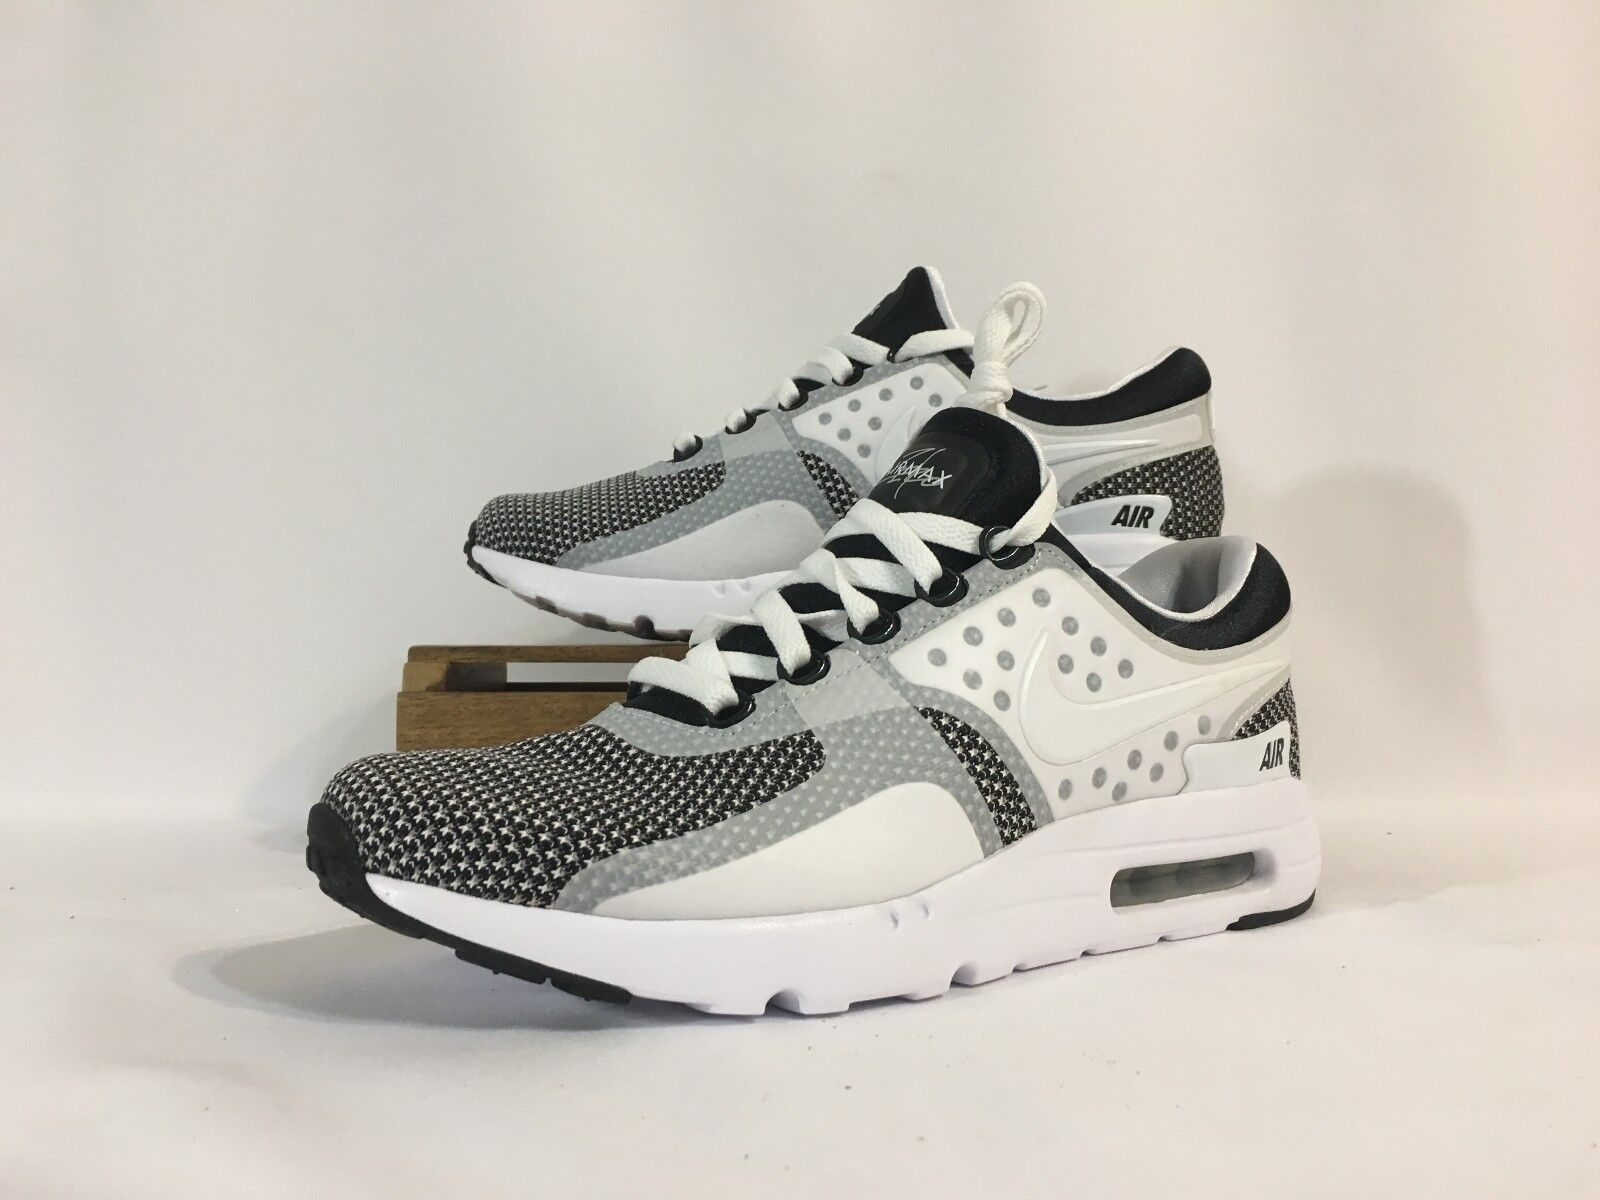 Nike air max zero essenziale scarpe bianco nero 876070-005 uomini e 10 nwob